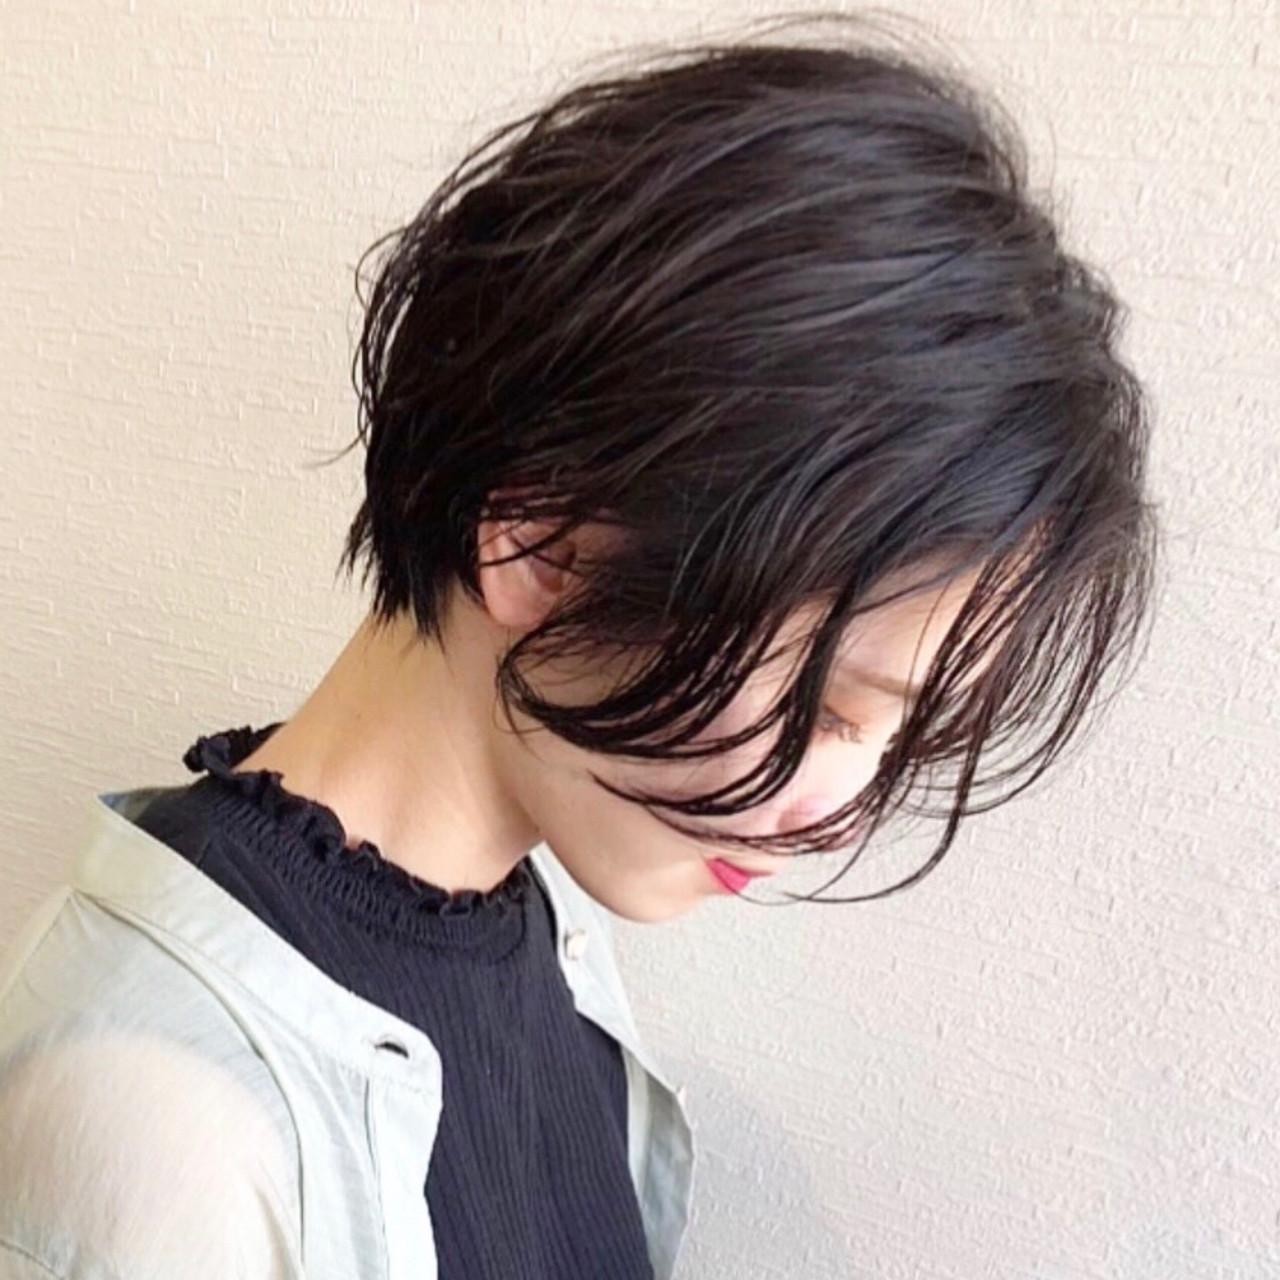 前下がりショート 黒髪ショート ショート ショートパーマ ヘアスタイルや髪型の写真・画像